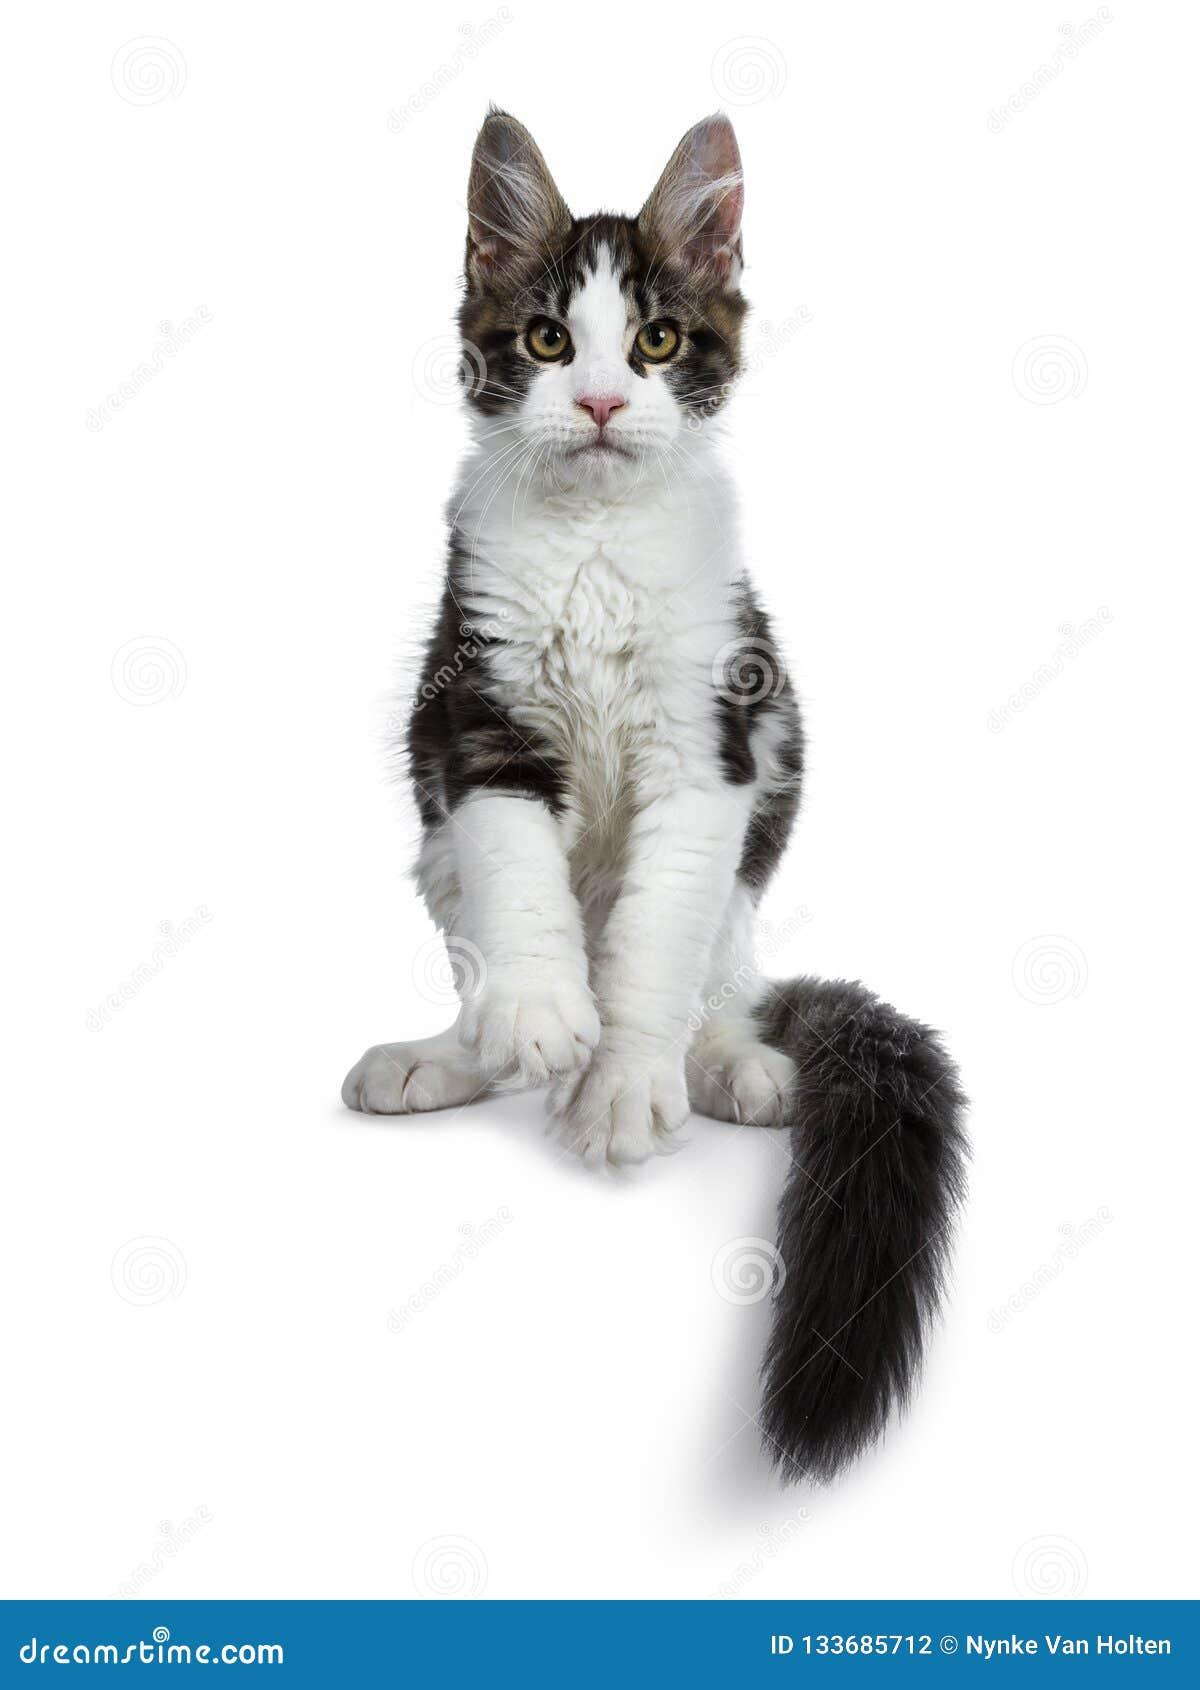 Χαριτωμένος μαύρος τιγρέ με το άσπρο γατάκι γατών του Μαίην Coon, μπροστινά πόδια στον αέρα και την ουρά γύρω από το σώμα